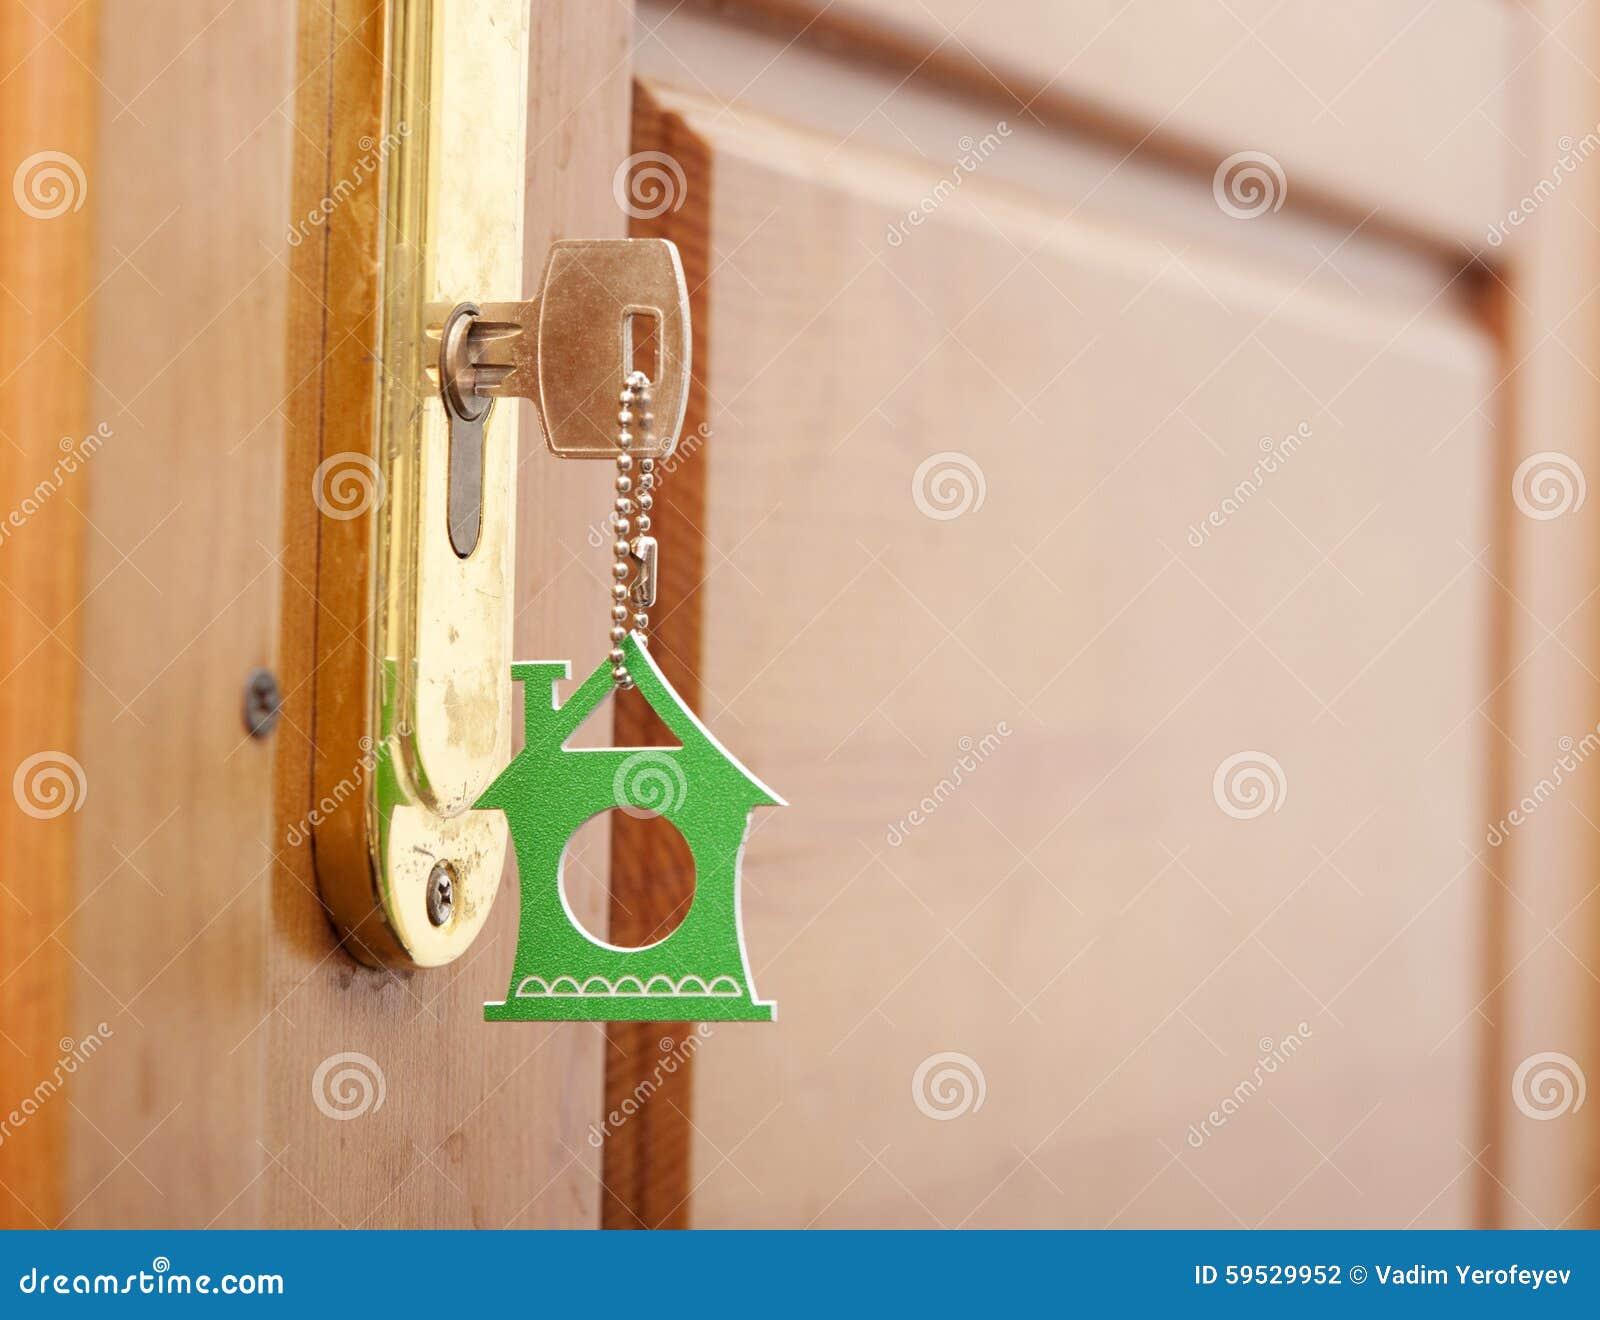 Key keyhole